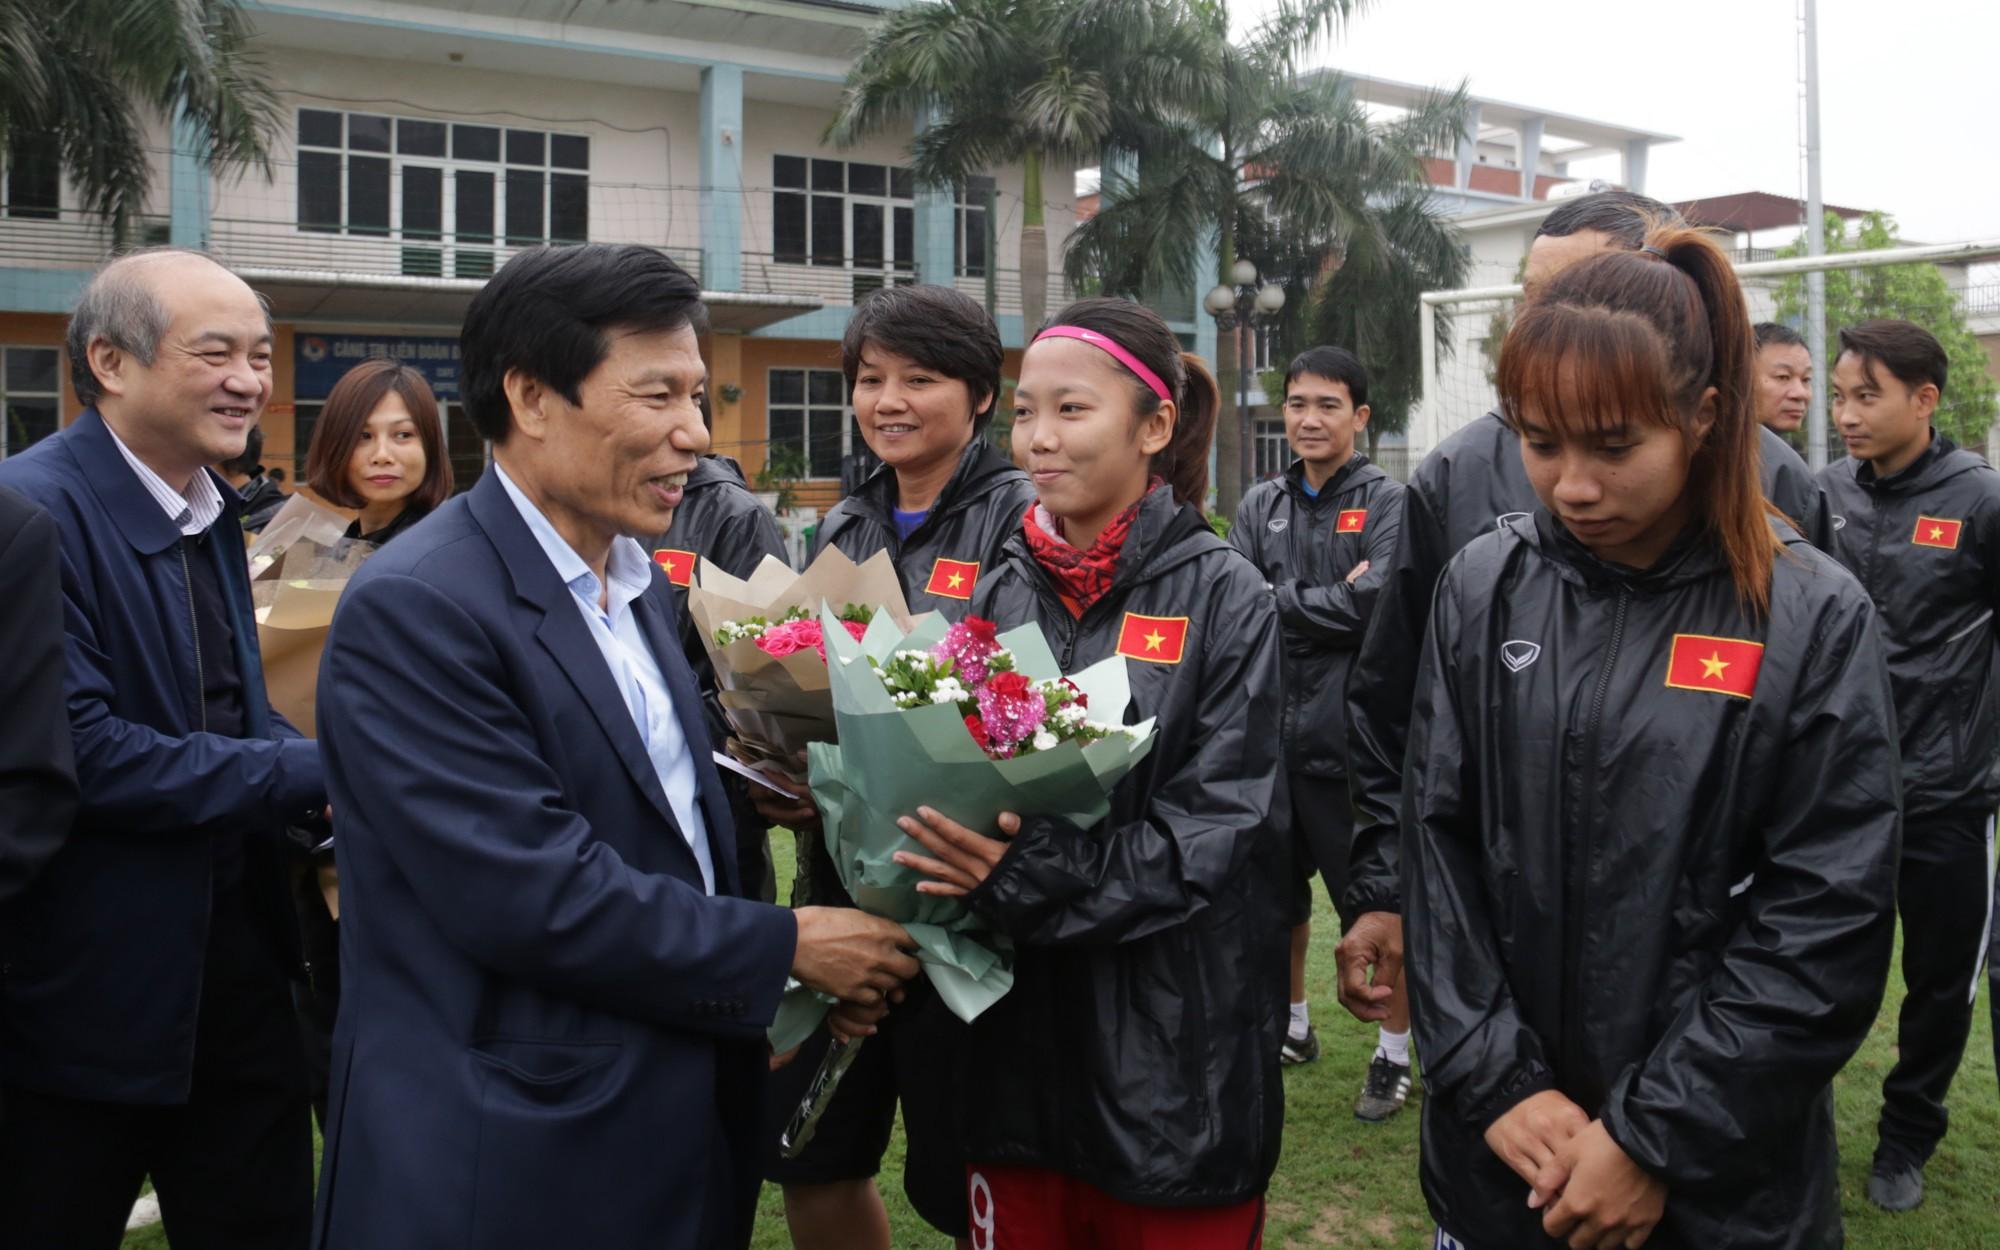 Bộ trưởng Nguyễn Ngọc Thiện tặng hoa cho các cầu thủ nữ nhân ngày 8/3